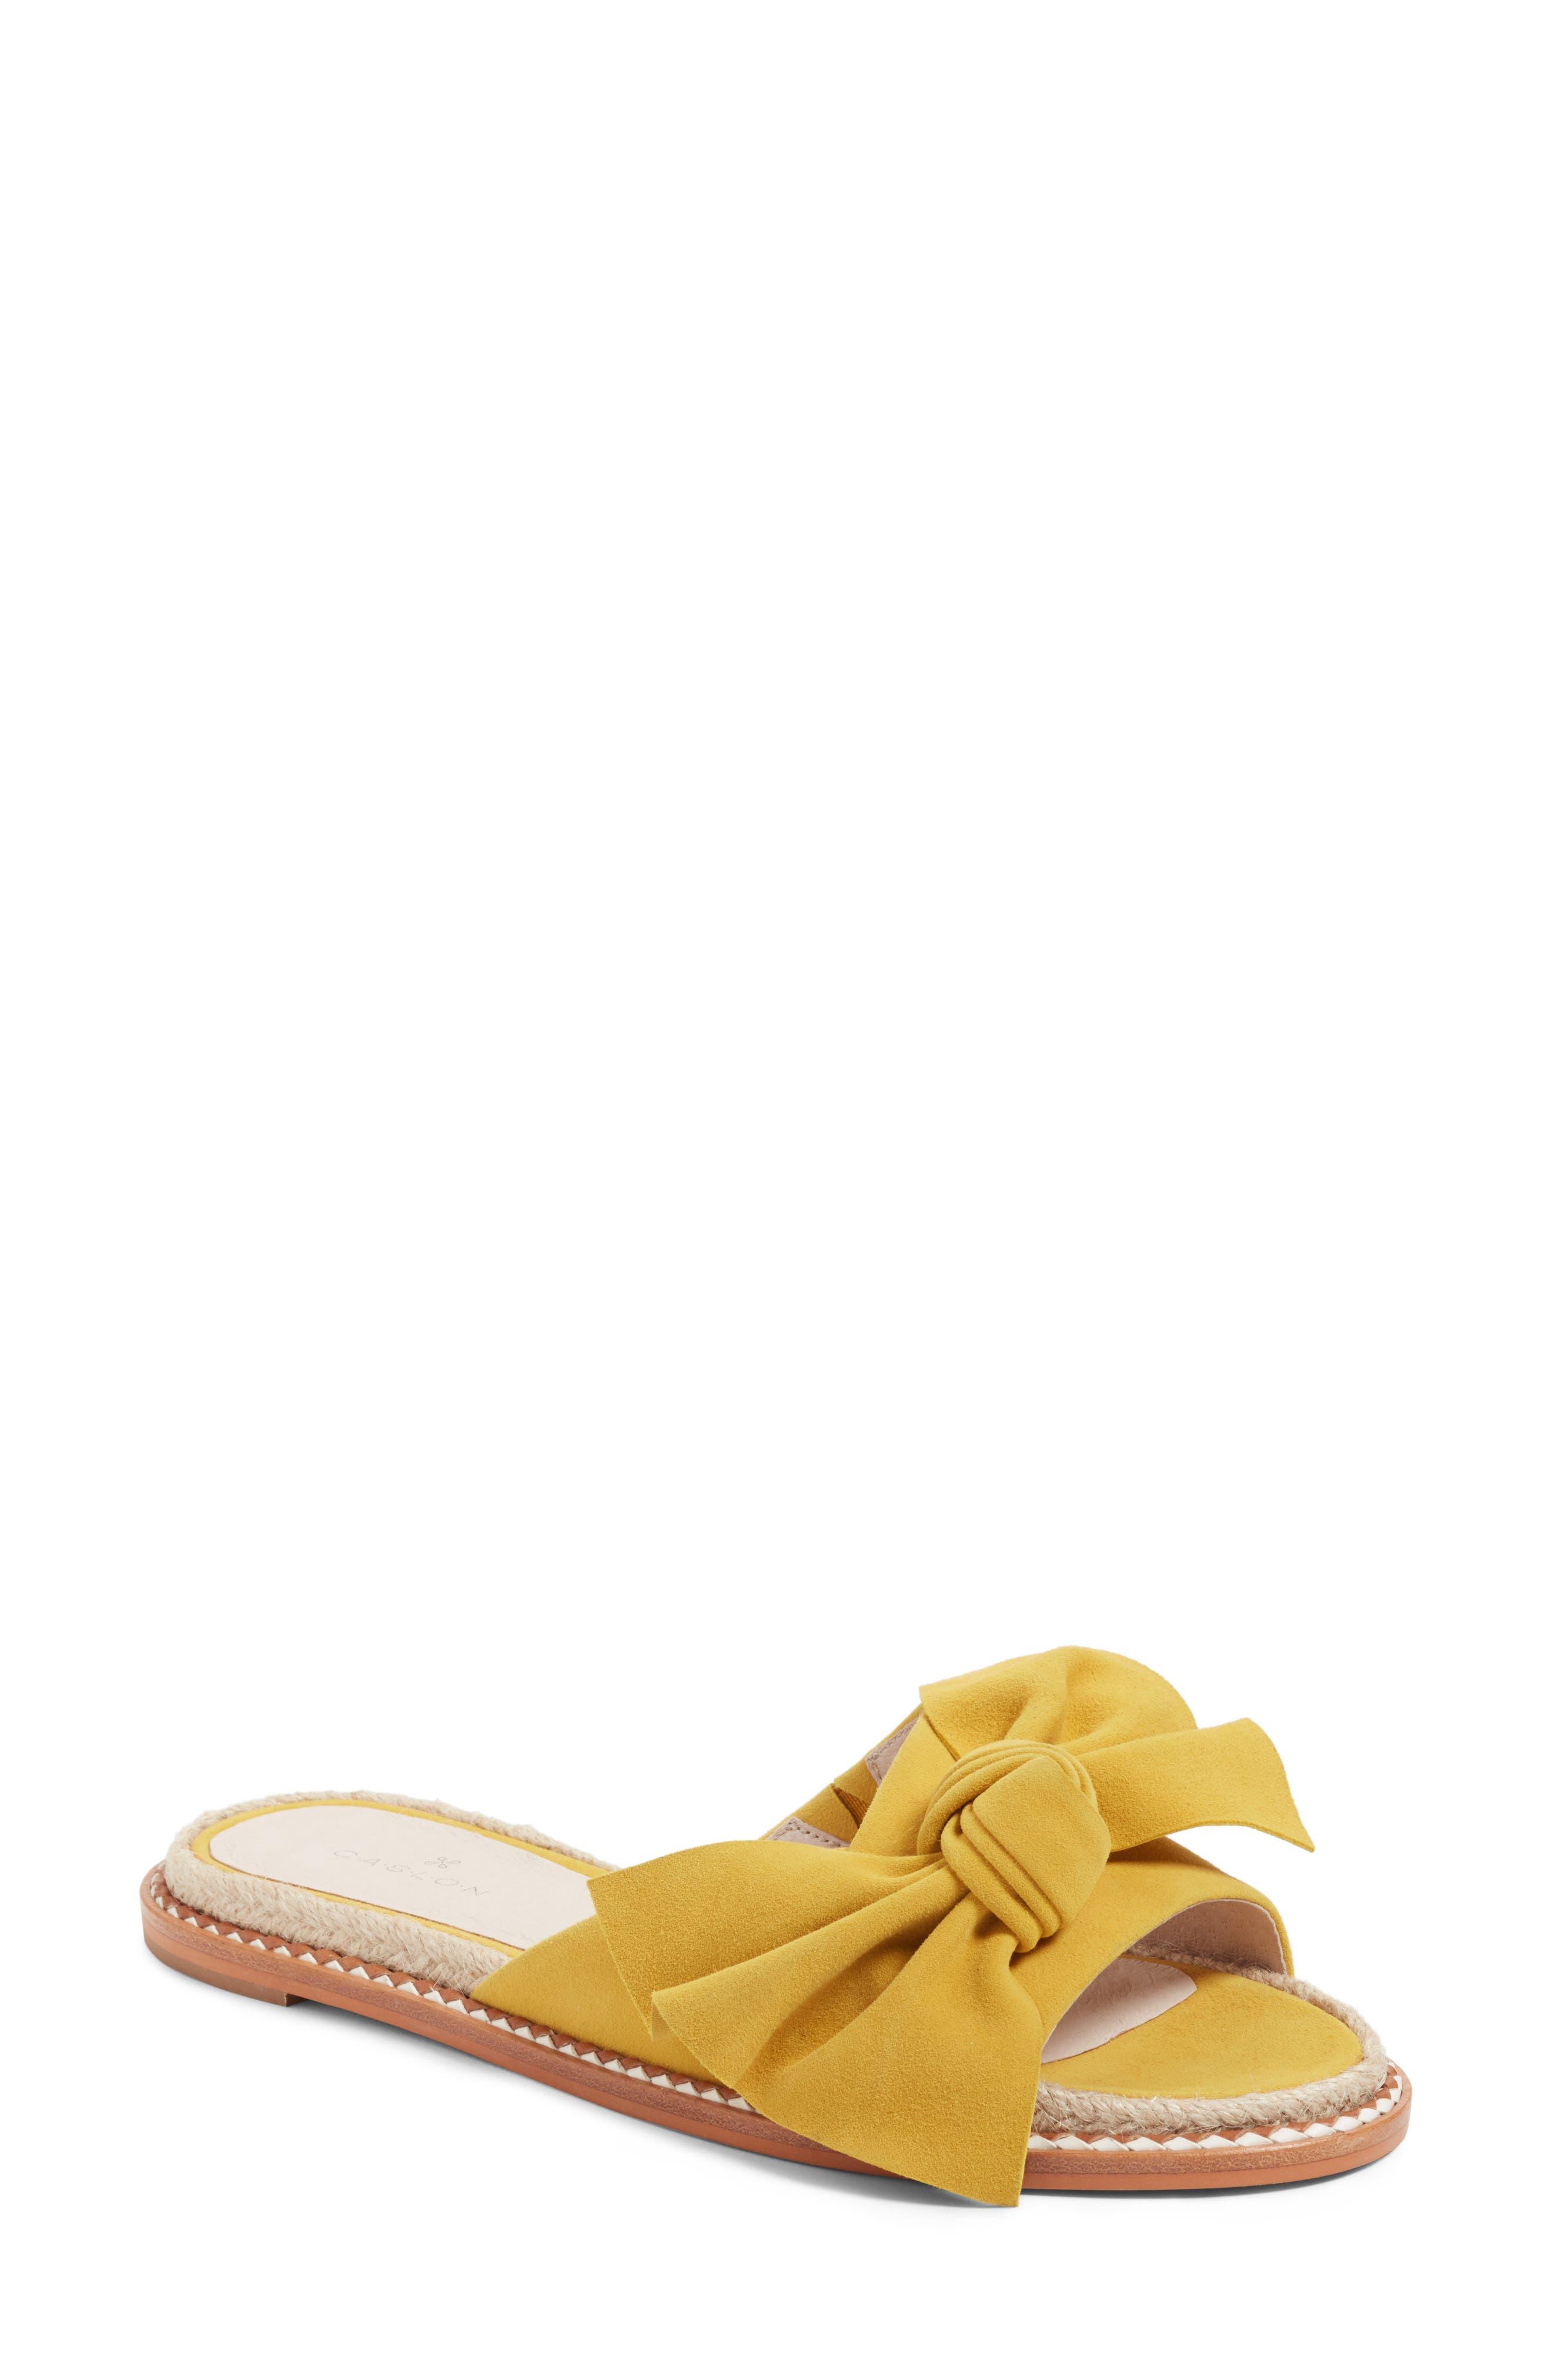 Women's Darcie Slide Sandal